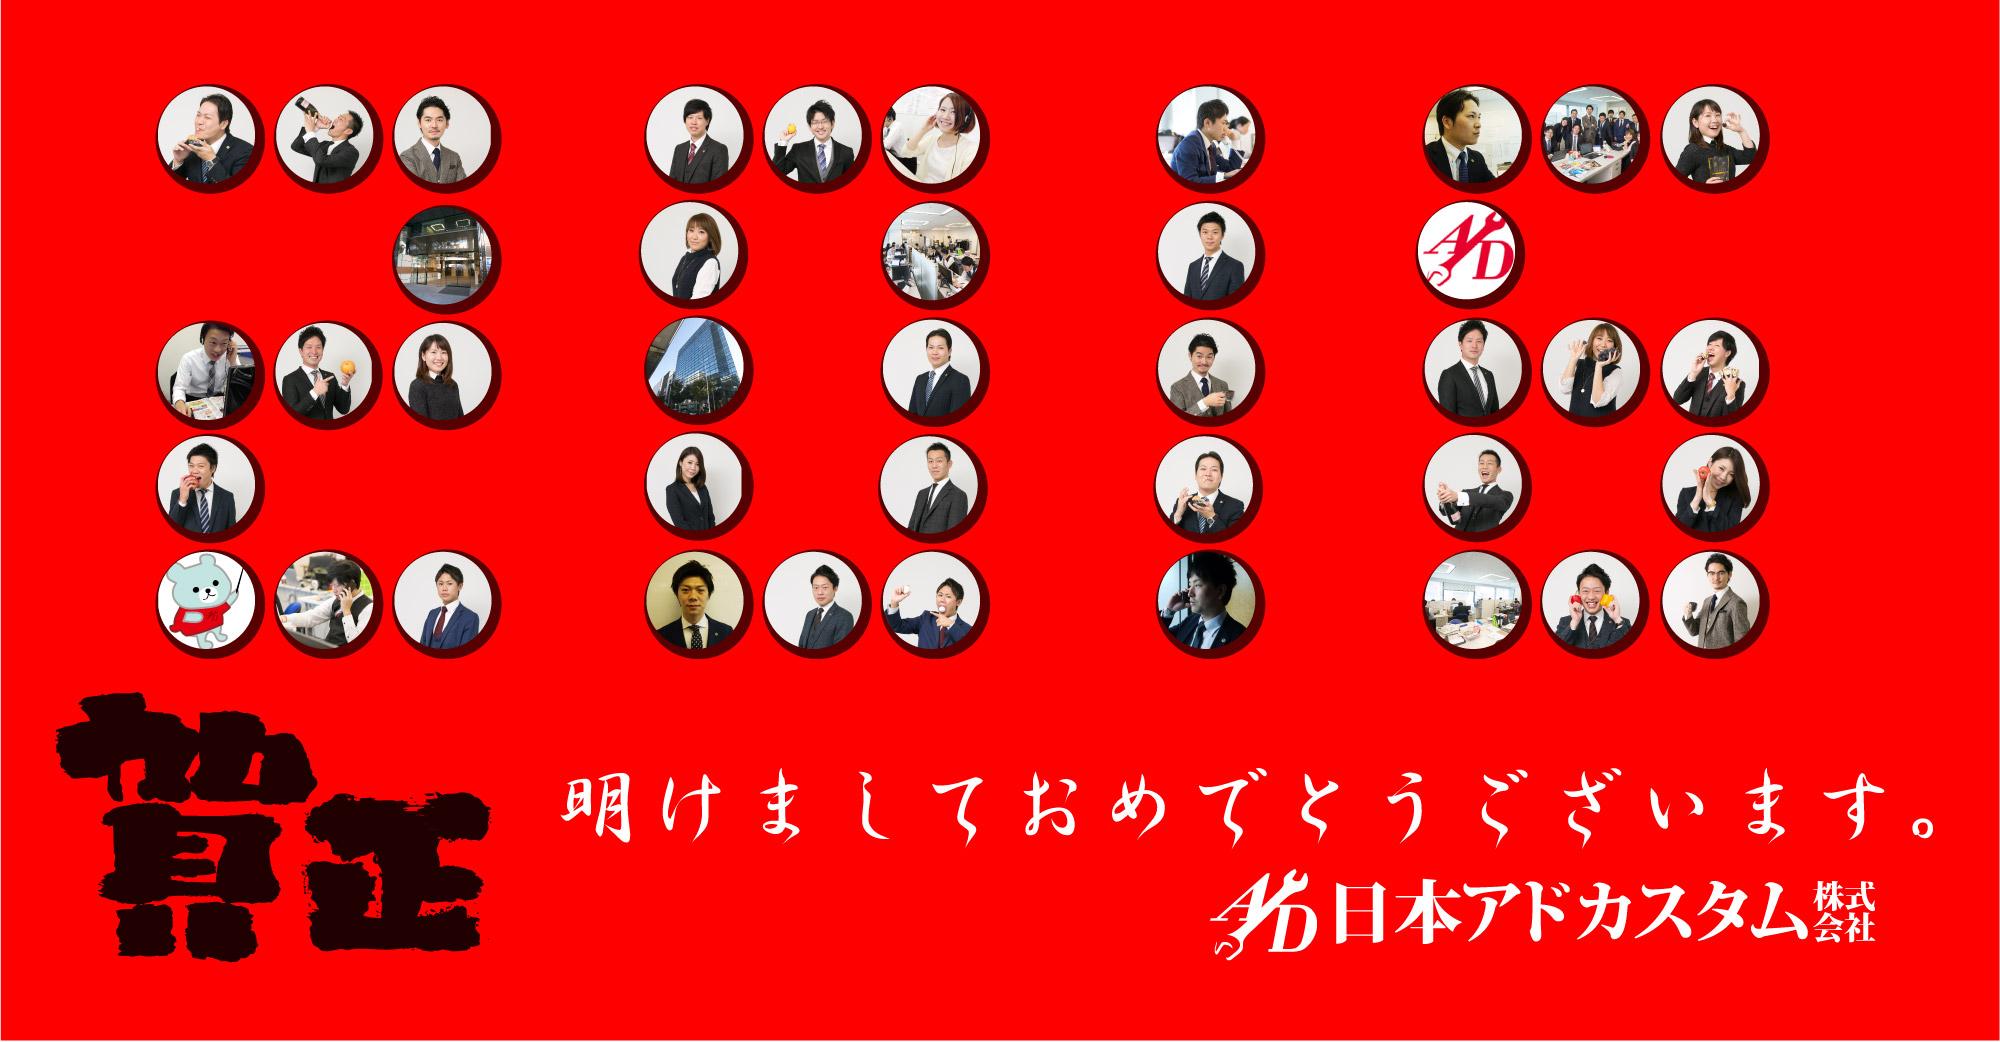 日本アドカスタムニュース 求人の広告代理店なら日本アドカスタム 大阪